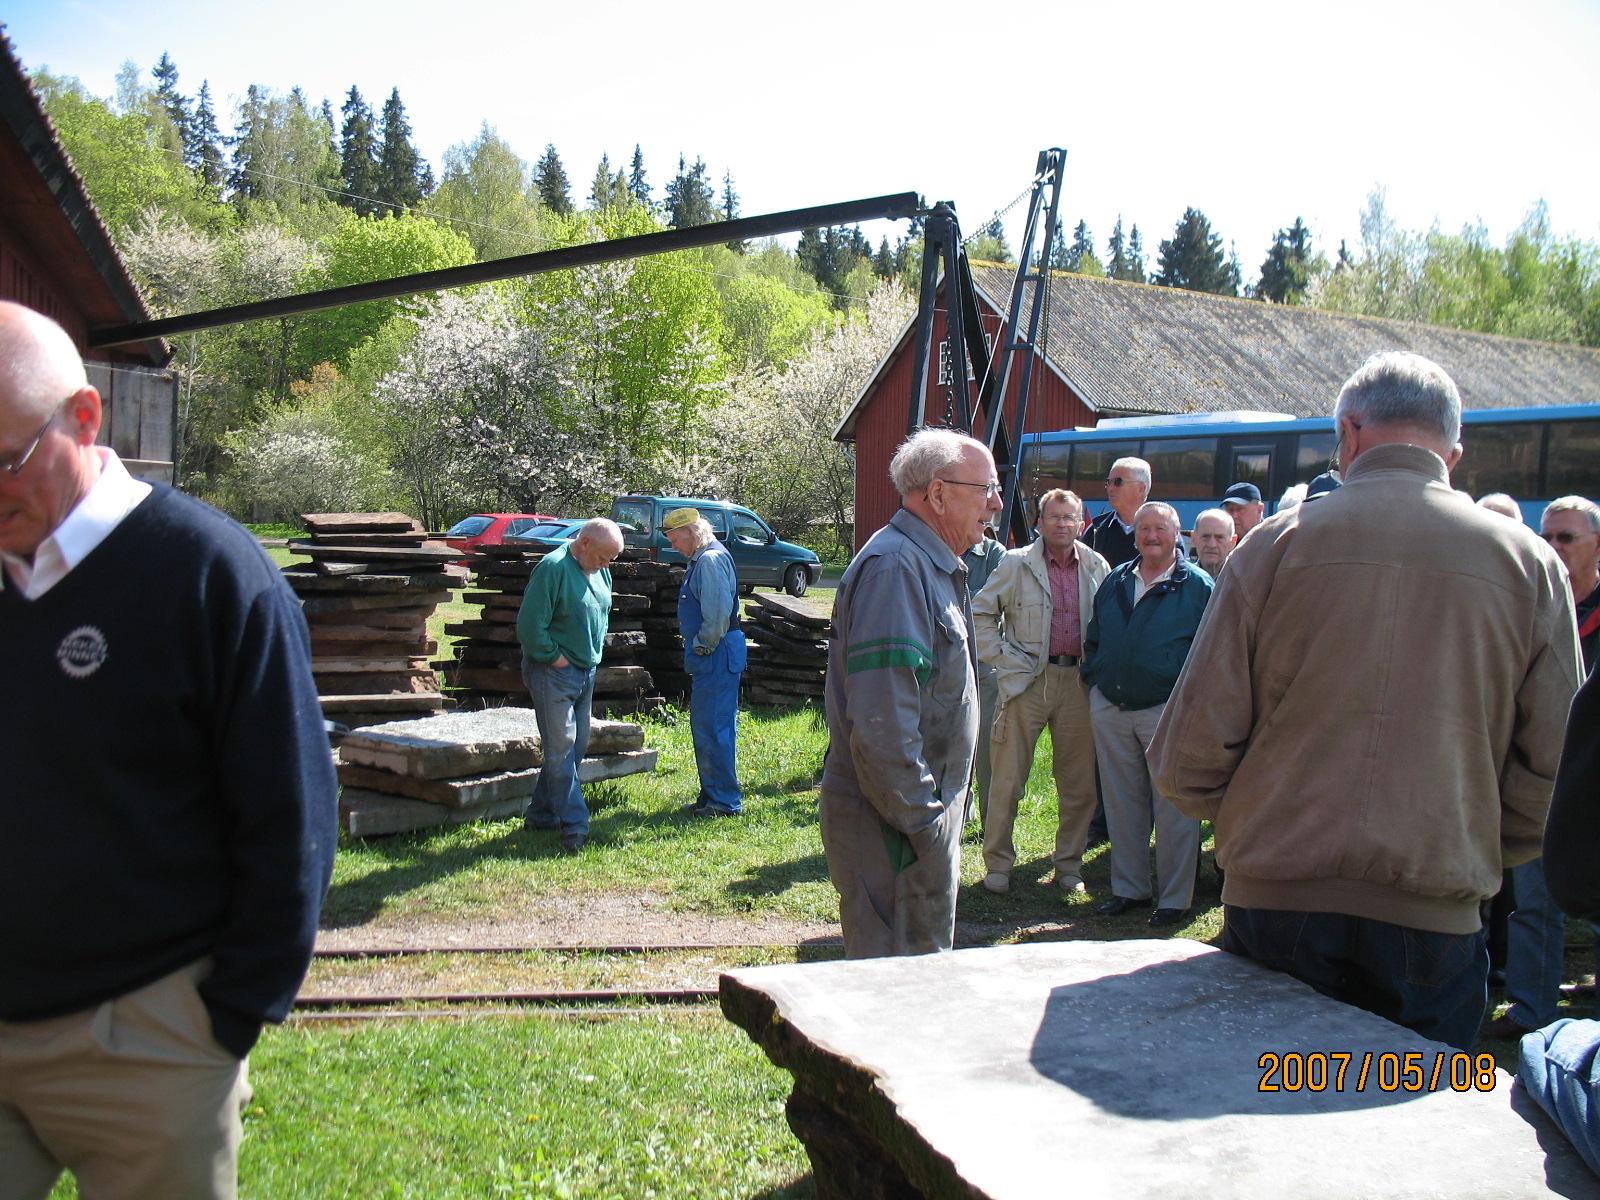 2007 Rubens och Råbäcks stenhuggeri - 15